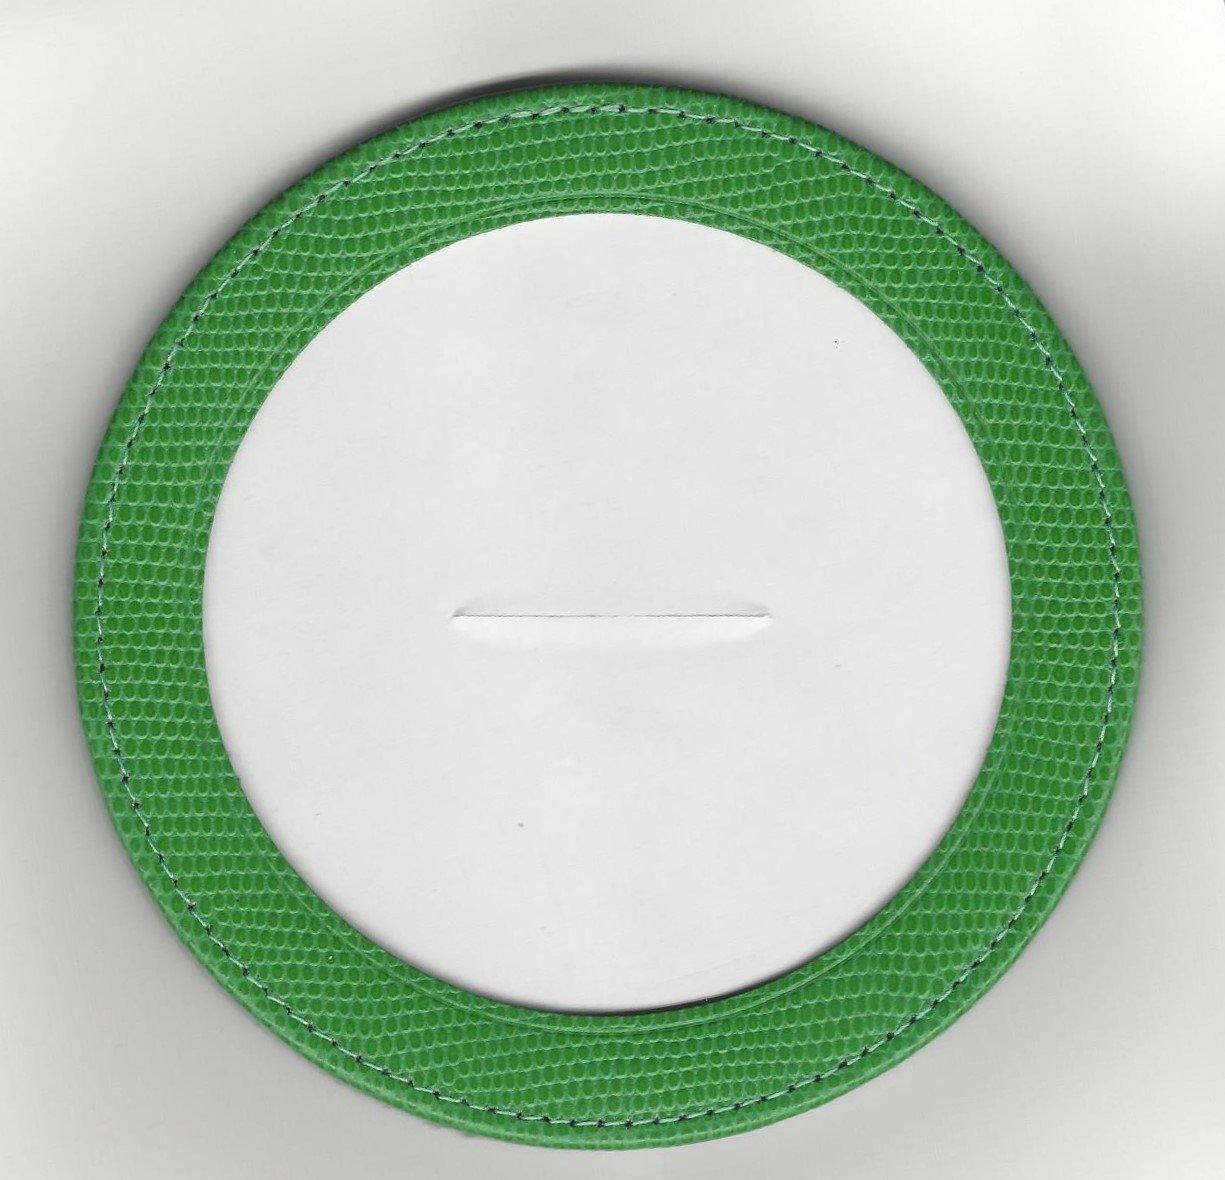 Coaster - Green